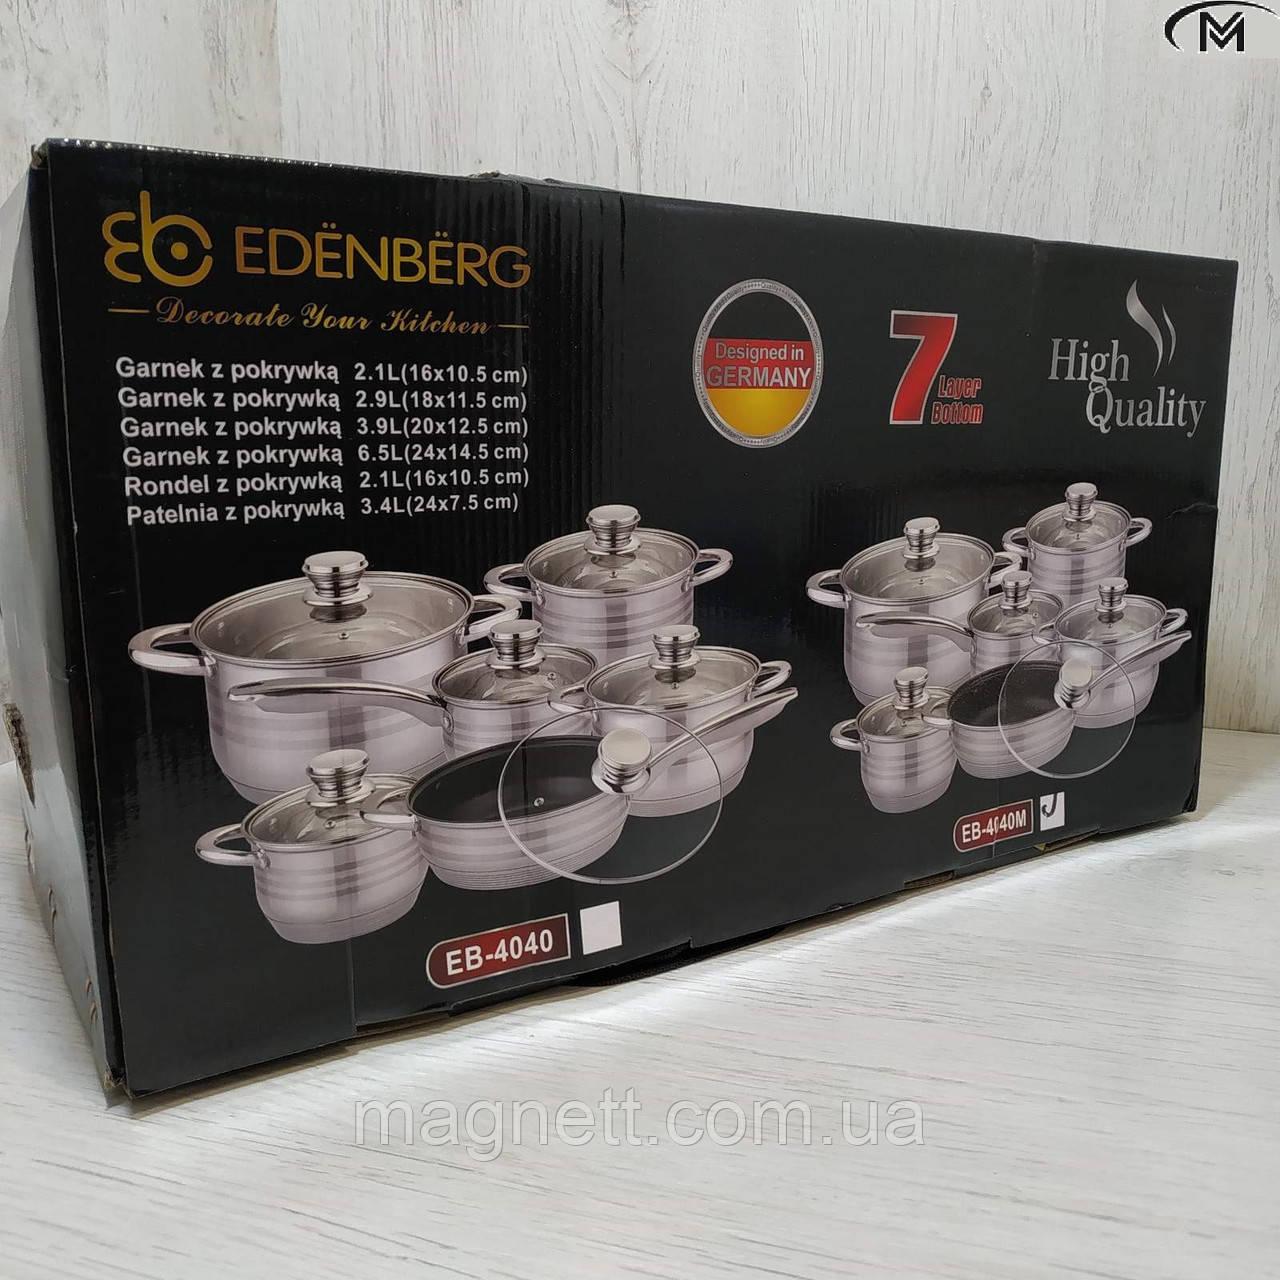 Набор посуды Edenberg EB-4040 из 12 предметов c 7 слойным дном